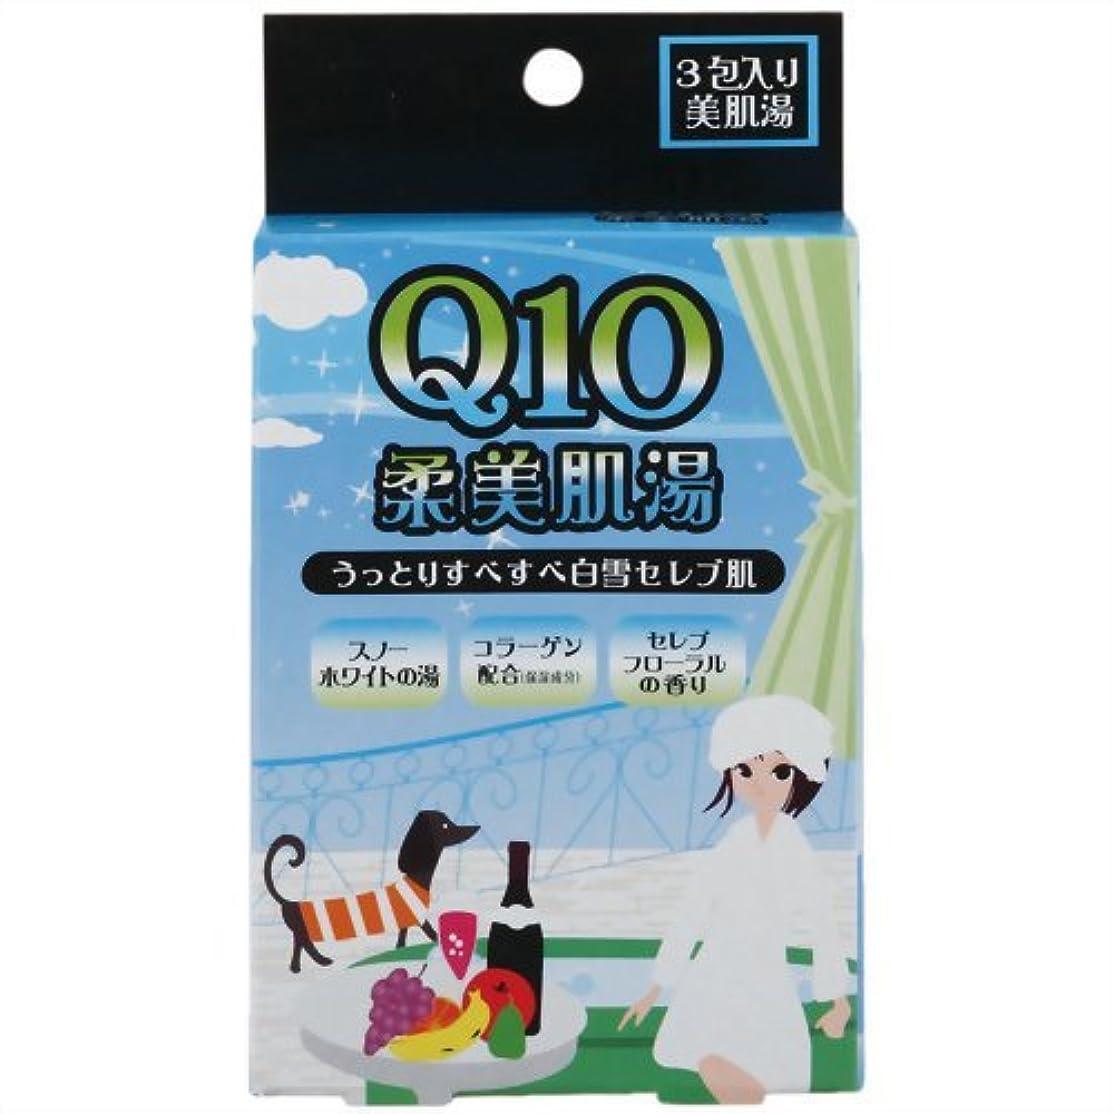 紀陽除虫菊 Q10 柔美肌湯 (セレブフローラルの香り)【まとめ買い10個セット】 N-8372